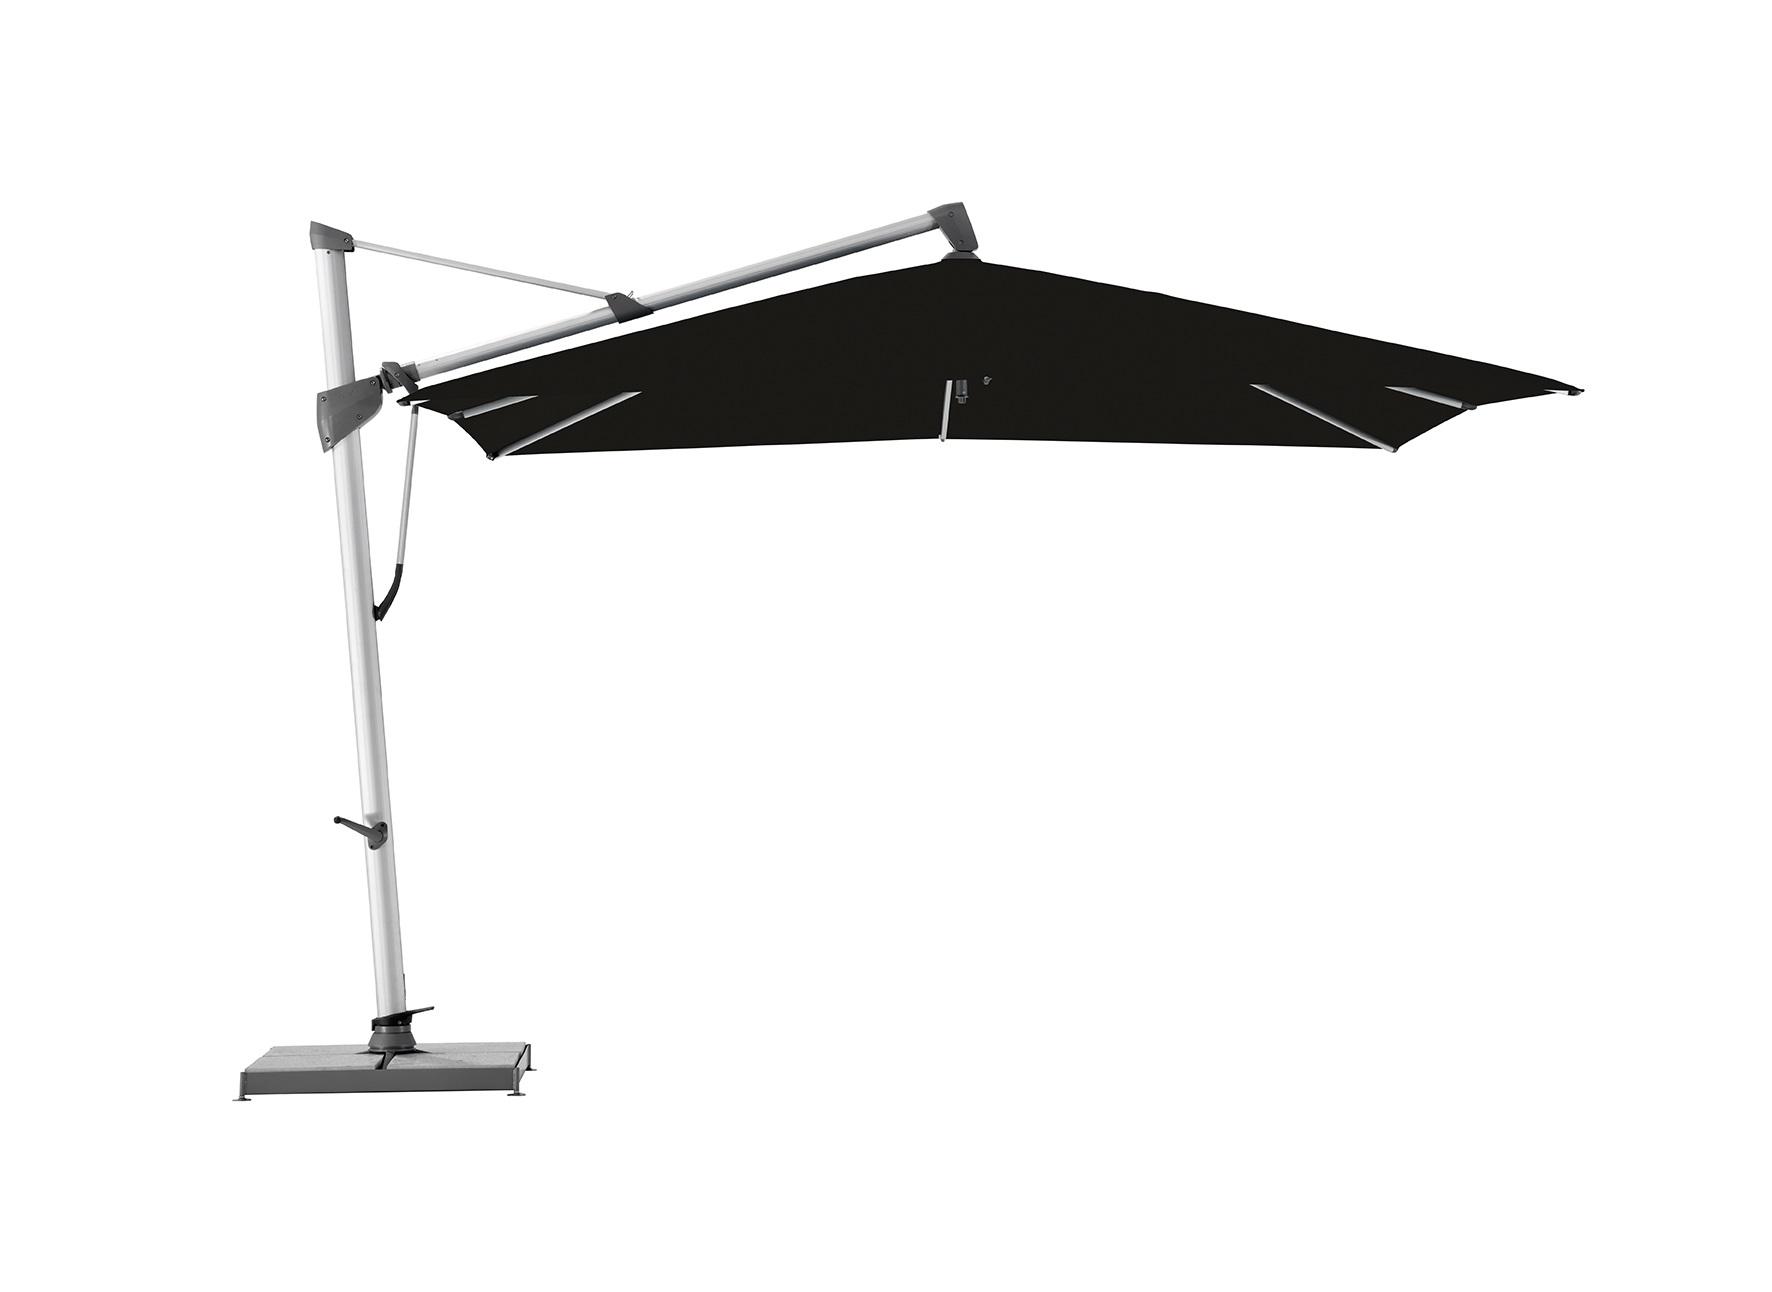 Уличный зонт Sombrano S+Тенты и зонты<br>Квадратный зонт с боковой опорой, каркас из анодированного алюминия. Вращается вокруг своей оси. Регулируется угол наклона купола.Плотность ткани 250 g/m2.Максимальная ветровая нагрузка 45км/ч.В комплект входит:  база 180кг,декоративная крышка для базы, защитный чехол.<br><br>kit: None<br>gender: None